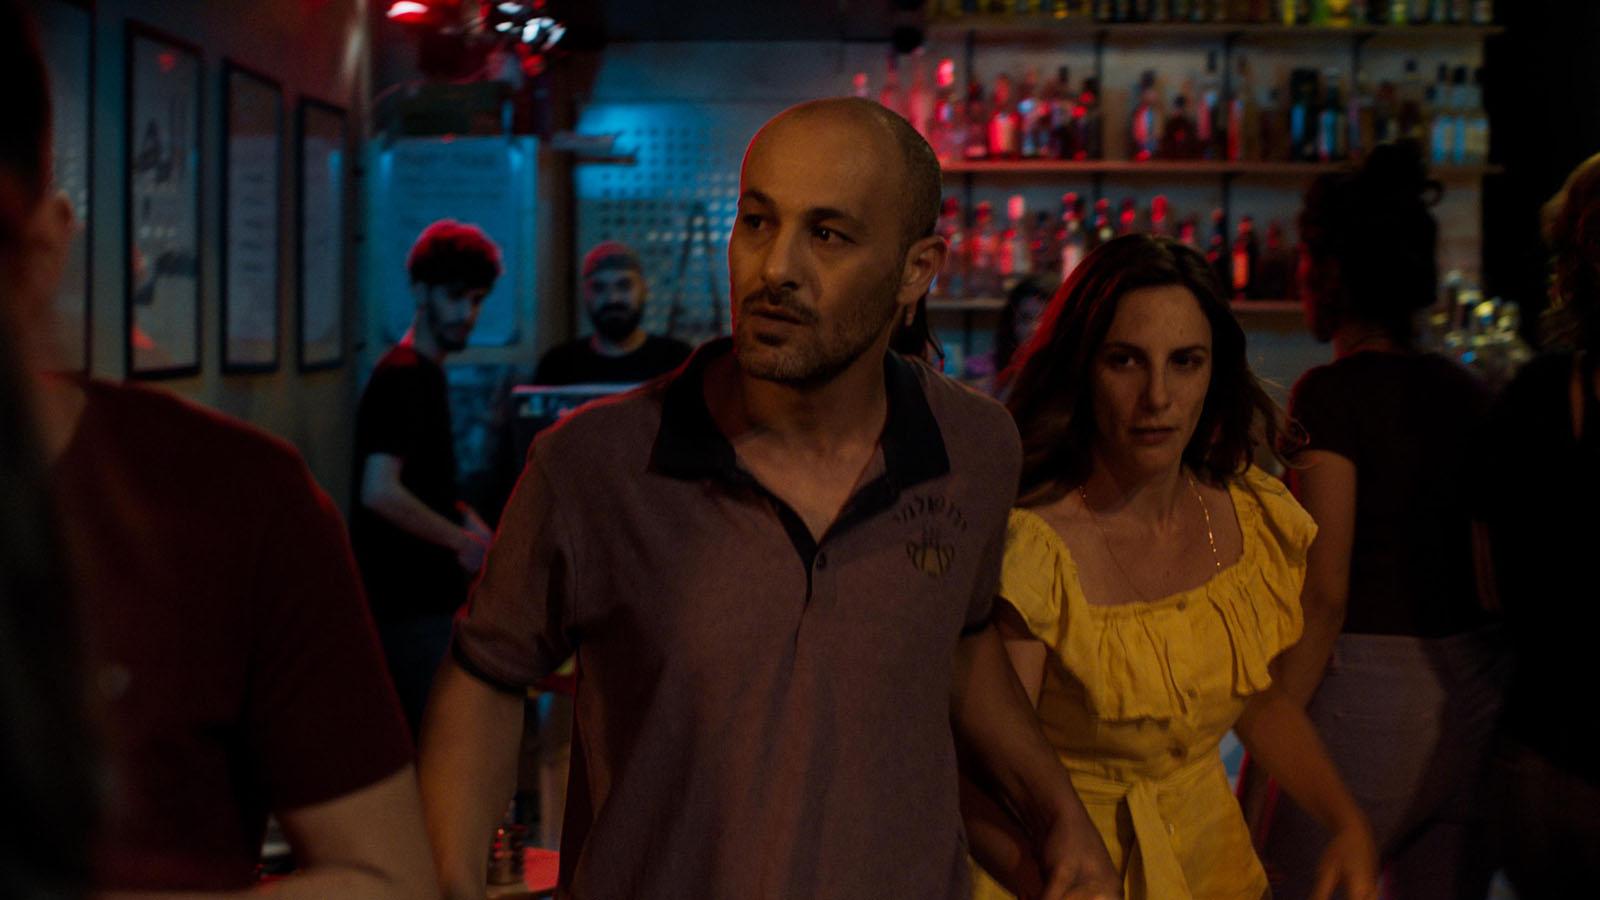 Los informes sobre Sarah y Saleem dirigida por Muayad Alayan.